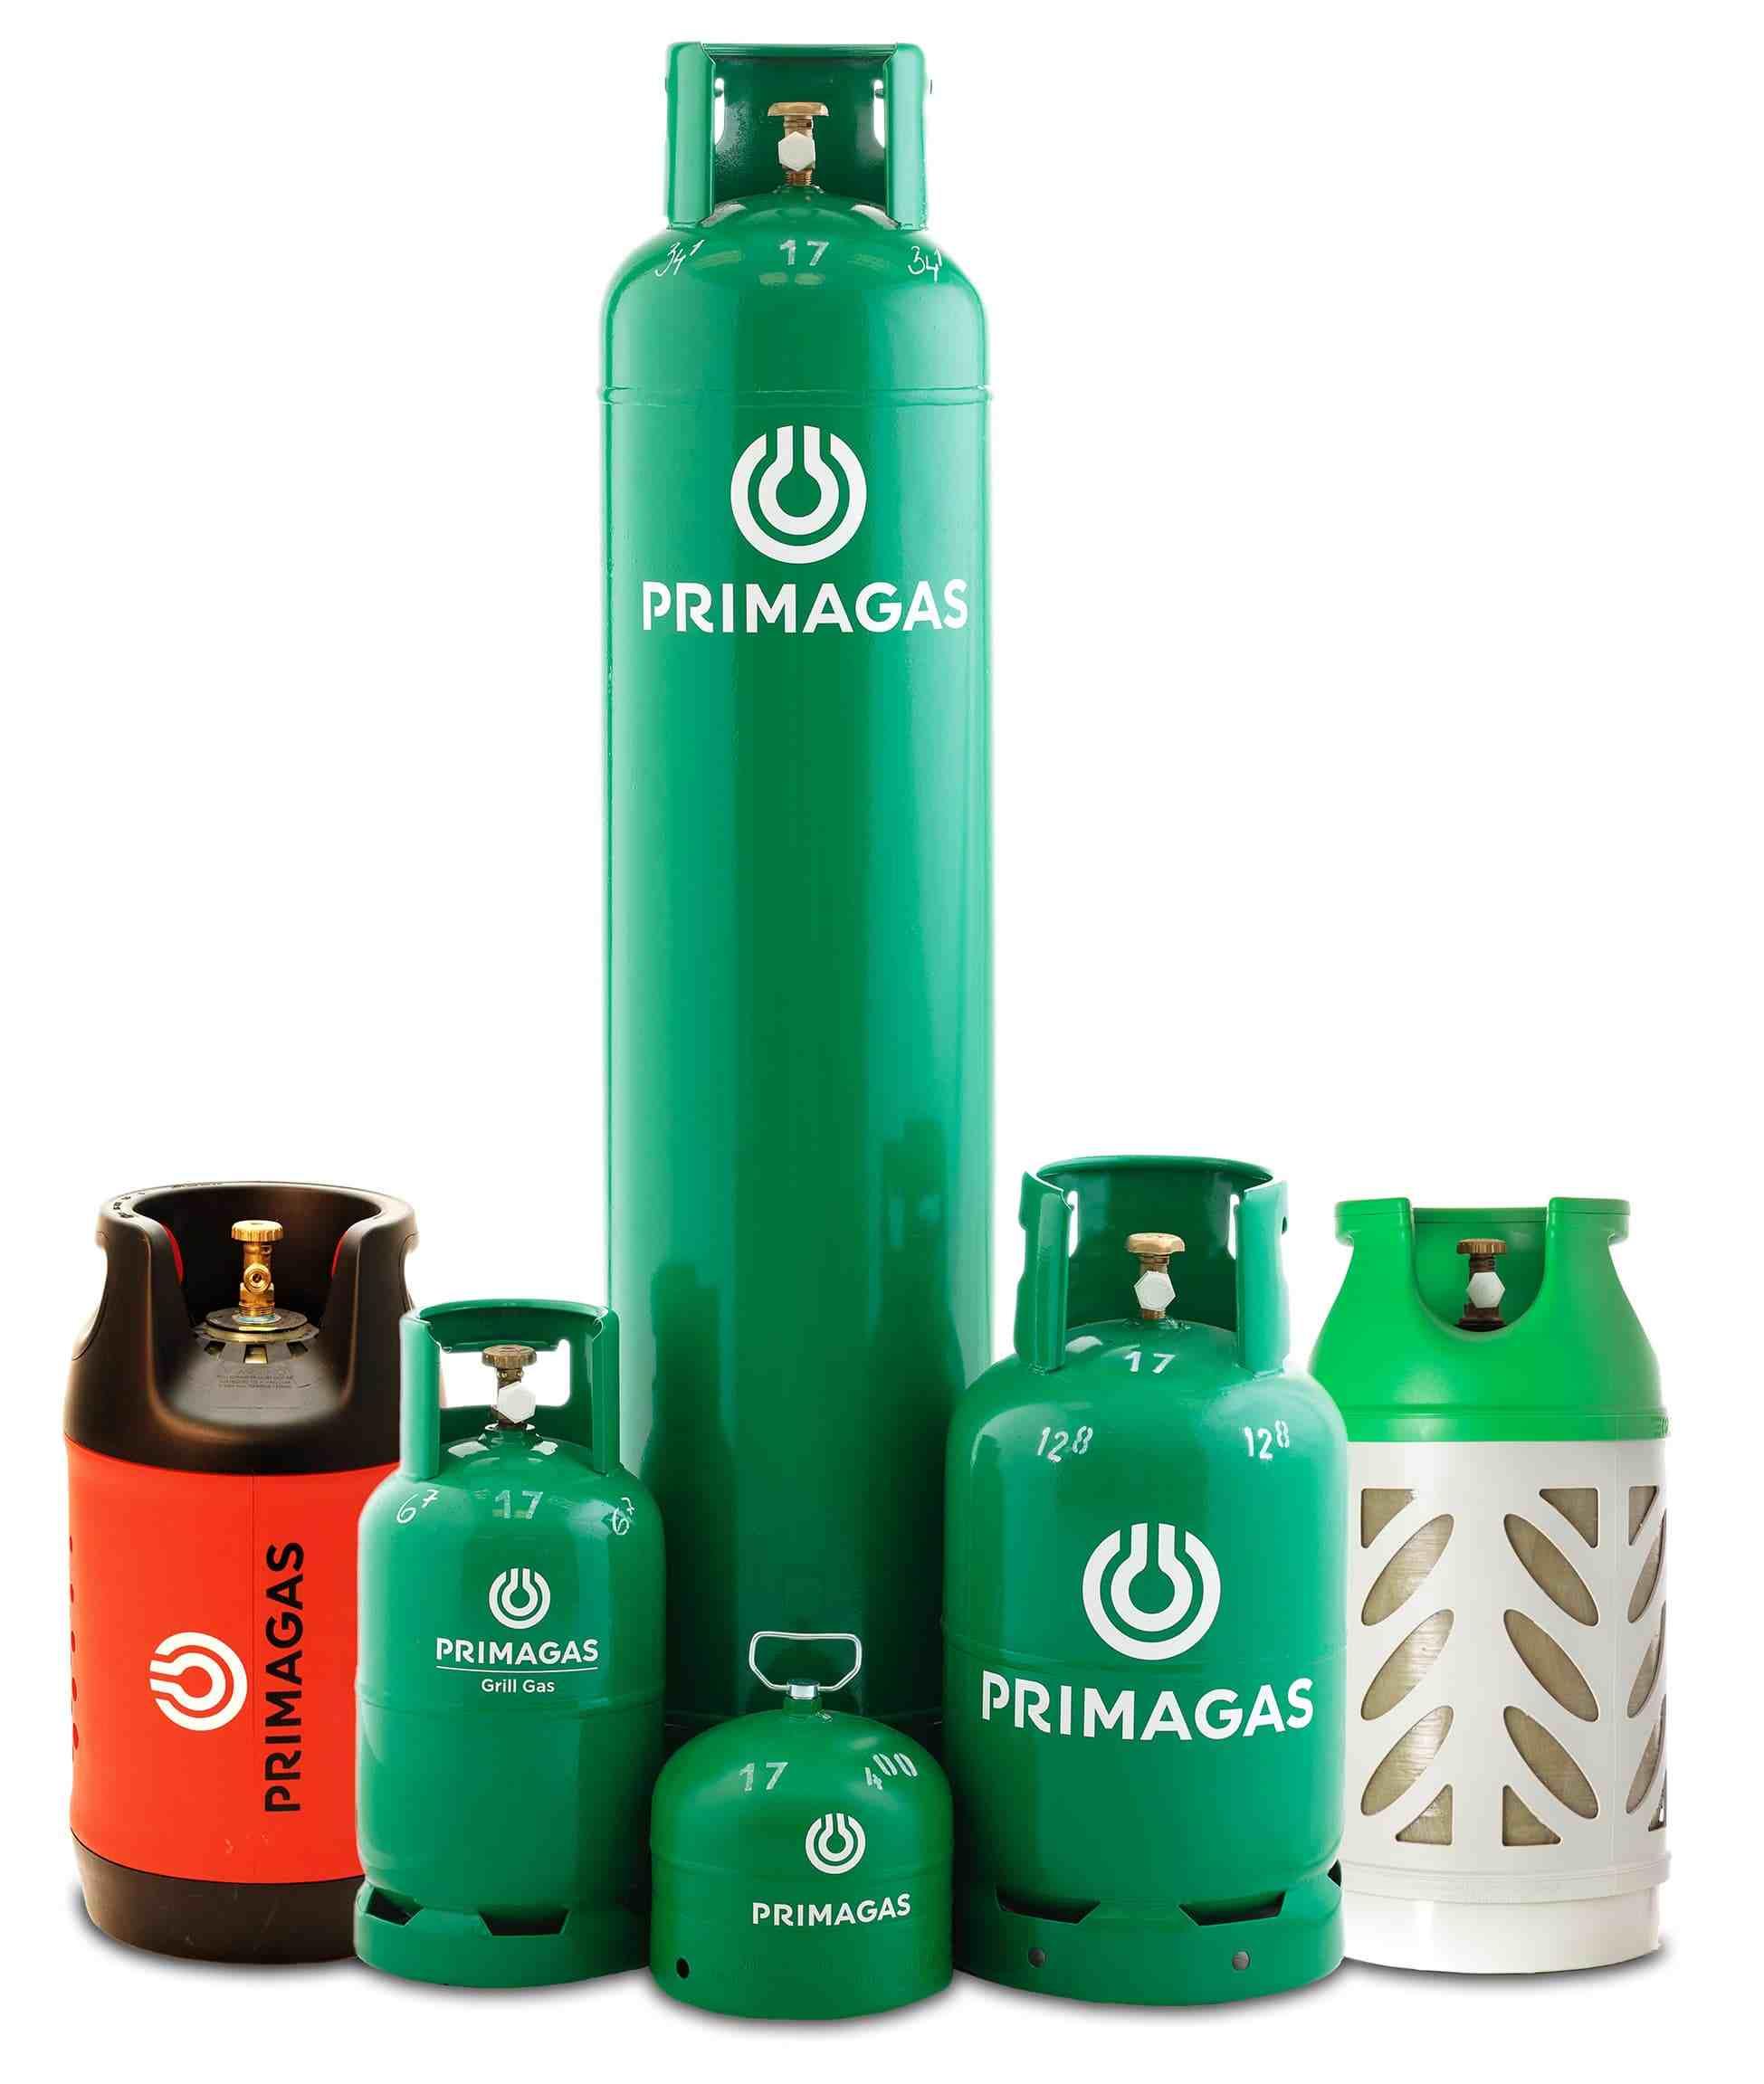 Plynové láhve Primagas - kvalitní plyn v bezpečných láhvích